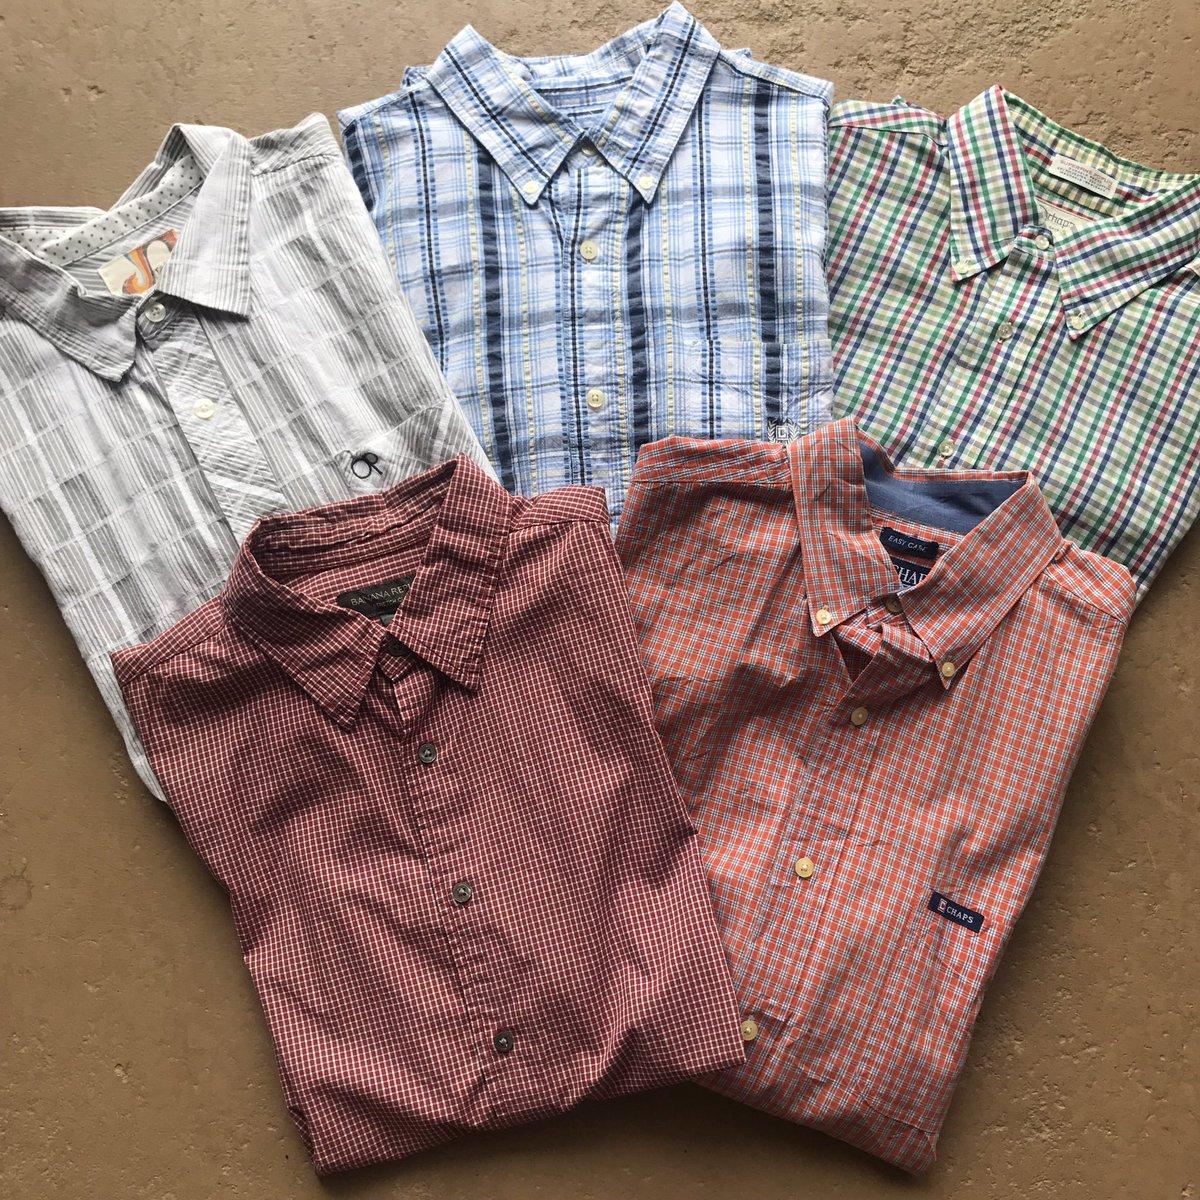 アメカジ定番のネルシャツ・チェックシャツを上手に着こなす4つのコツ